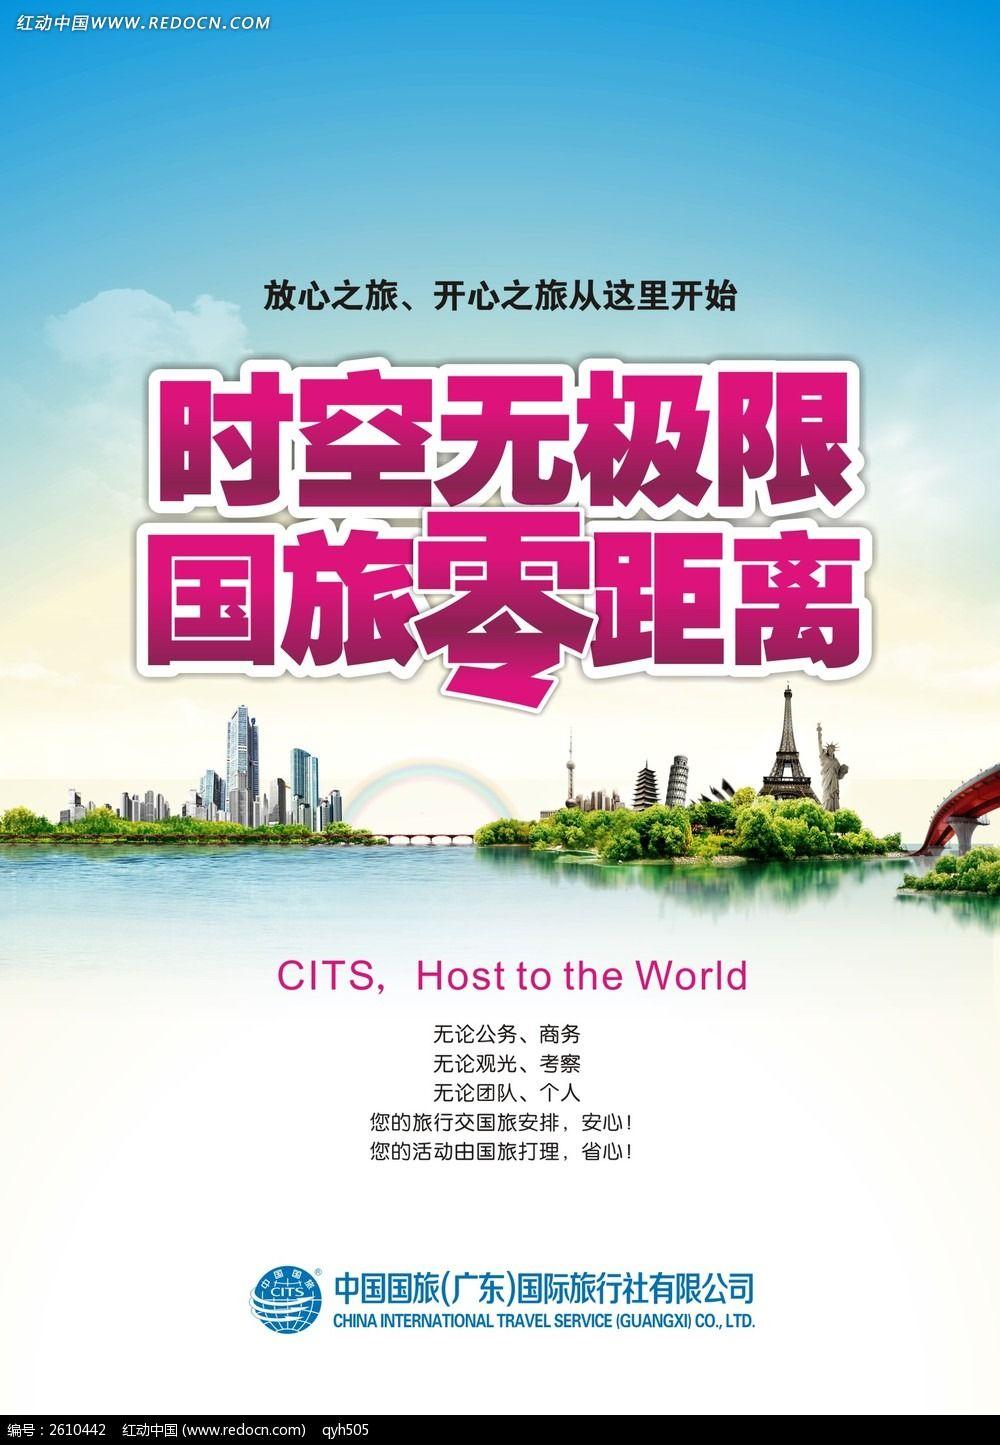 国旅旅行社海报图片